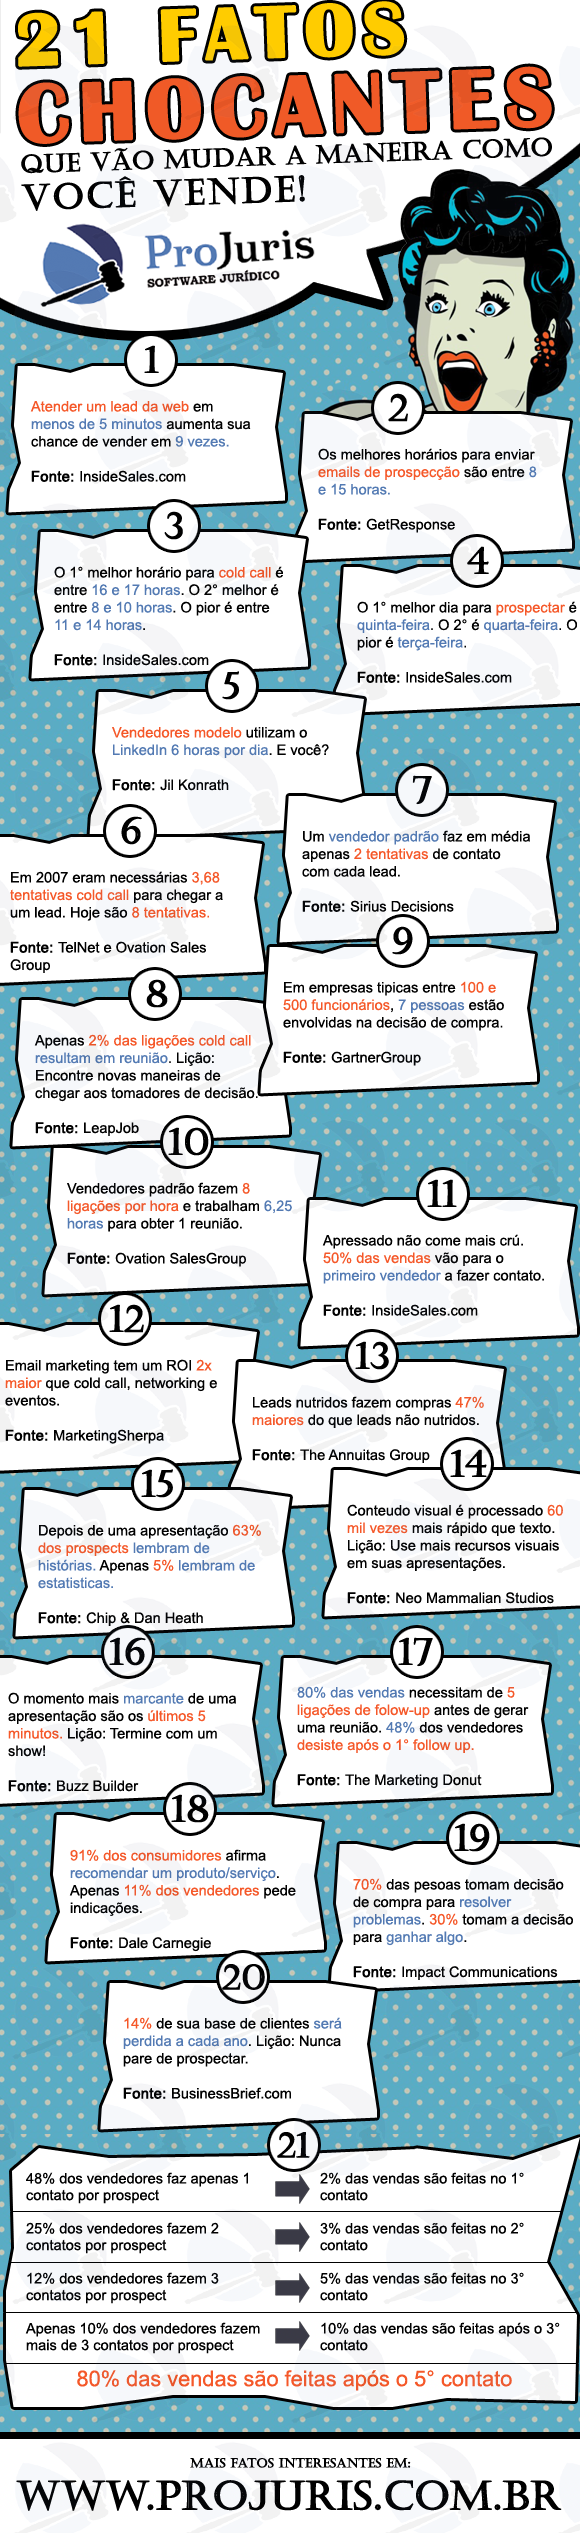 21 fatos chocantes que vão mudar a forma como você vende